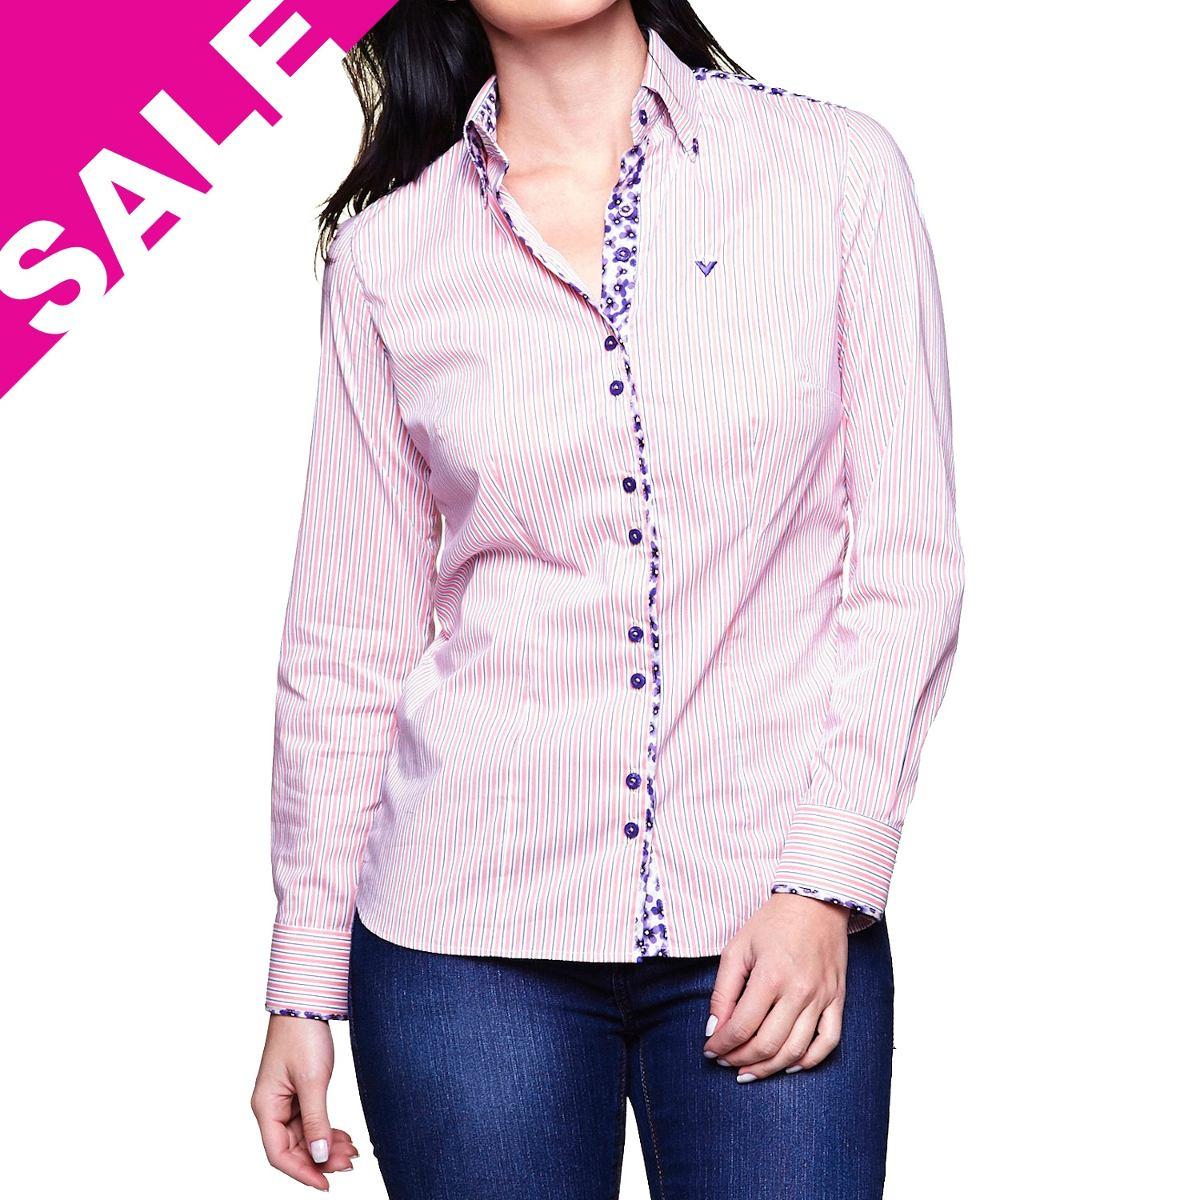 f775d5a780 camisa feminina blusa listrada rosa e branca manga longa. Carregando zoom.